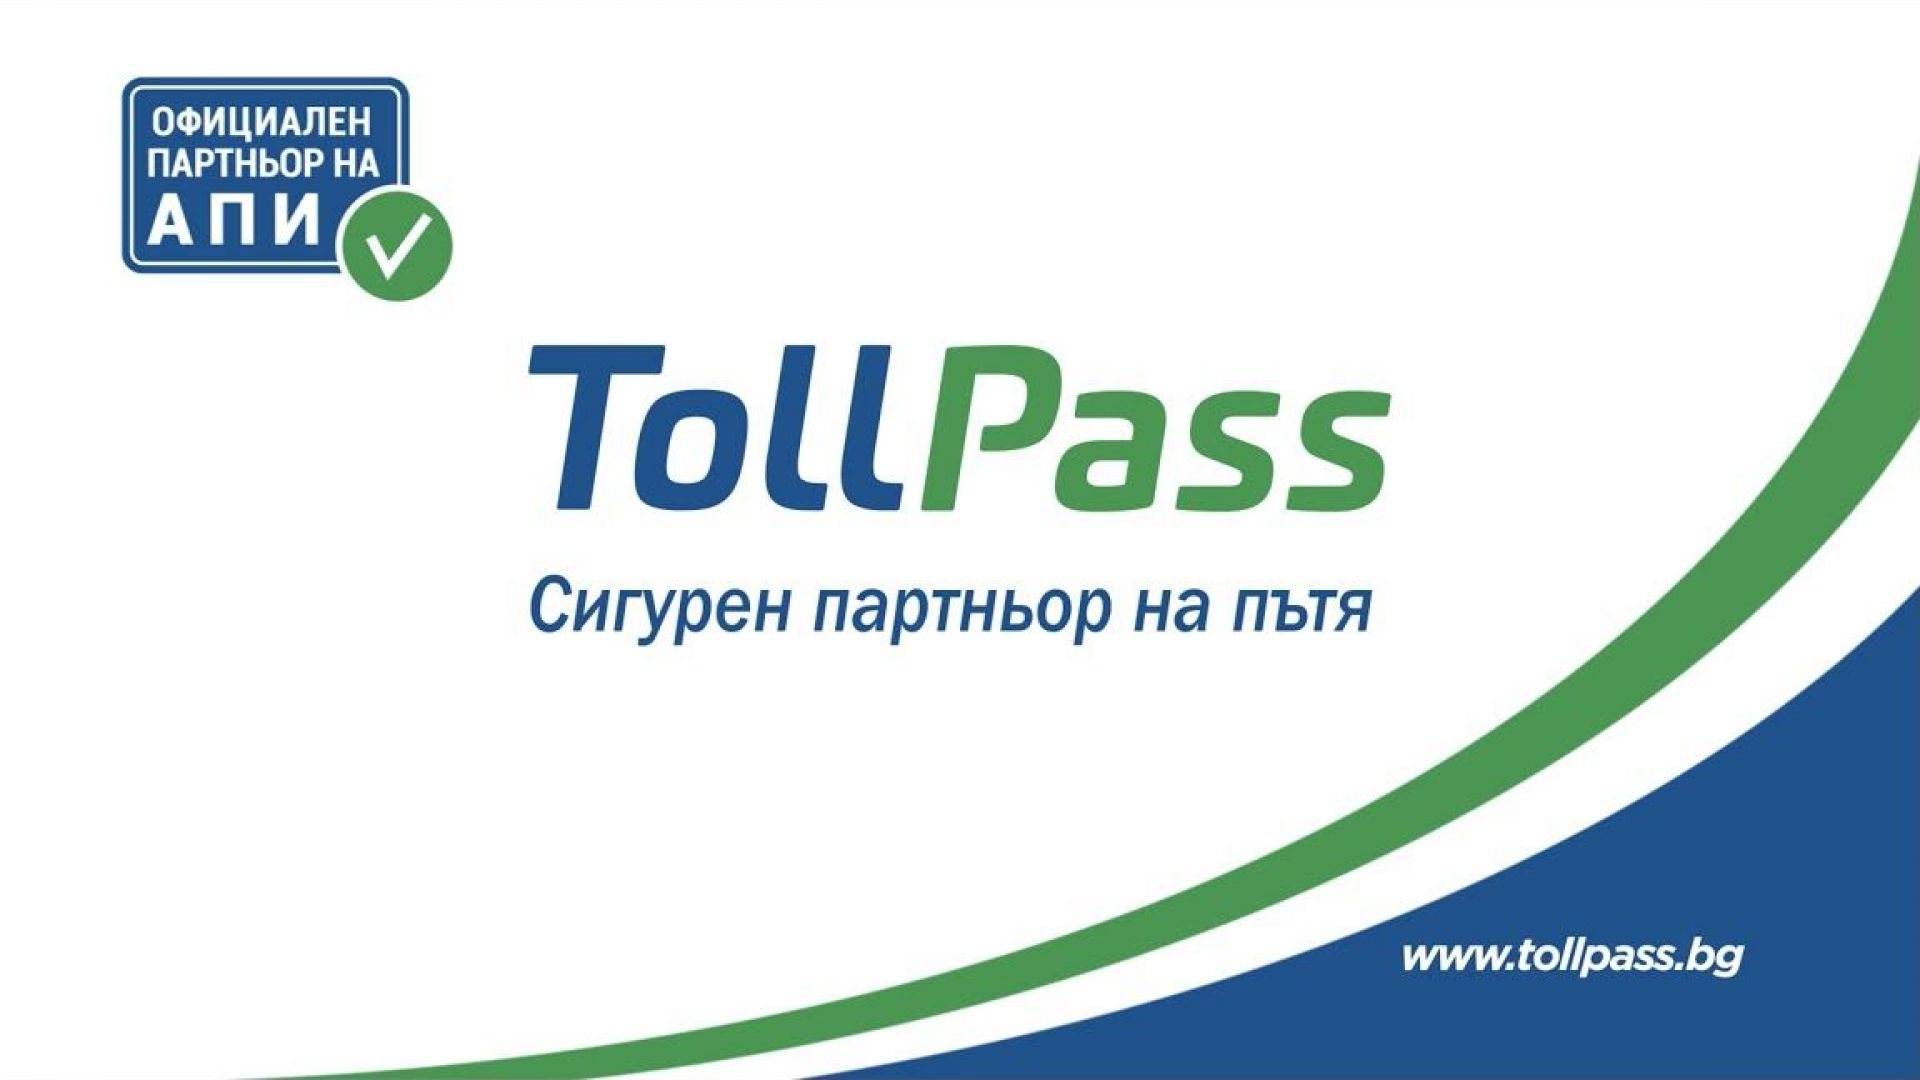 TollPass: Маршрутни карти могат да се закупуват и от бензиностанциите OMV